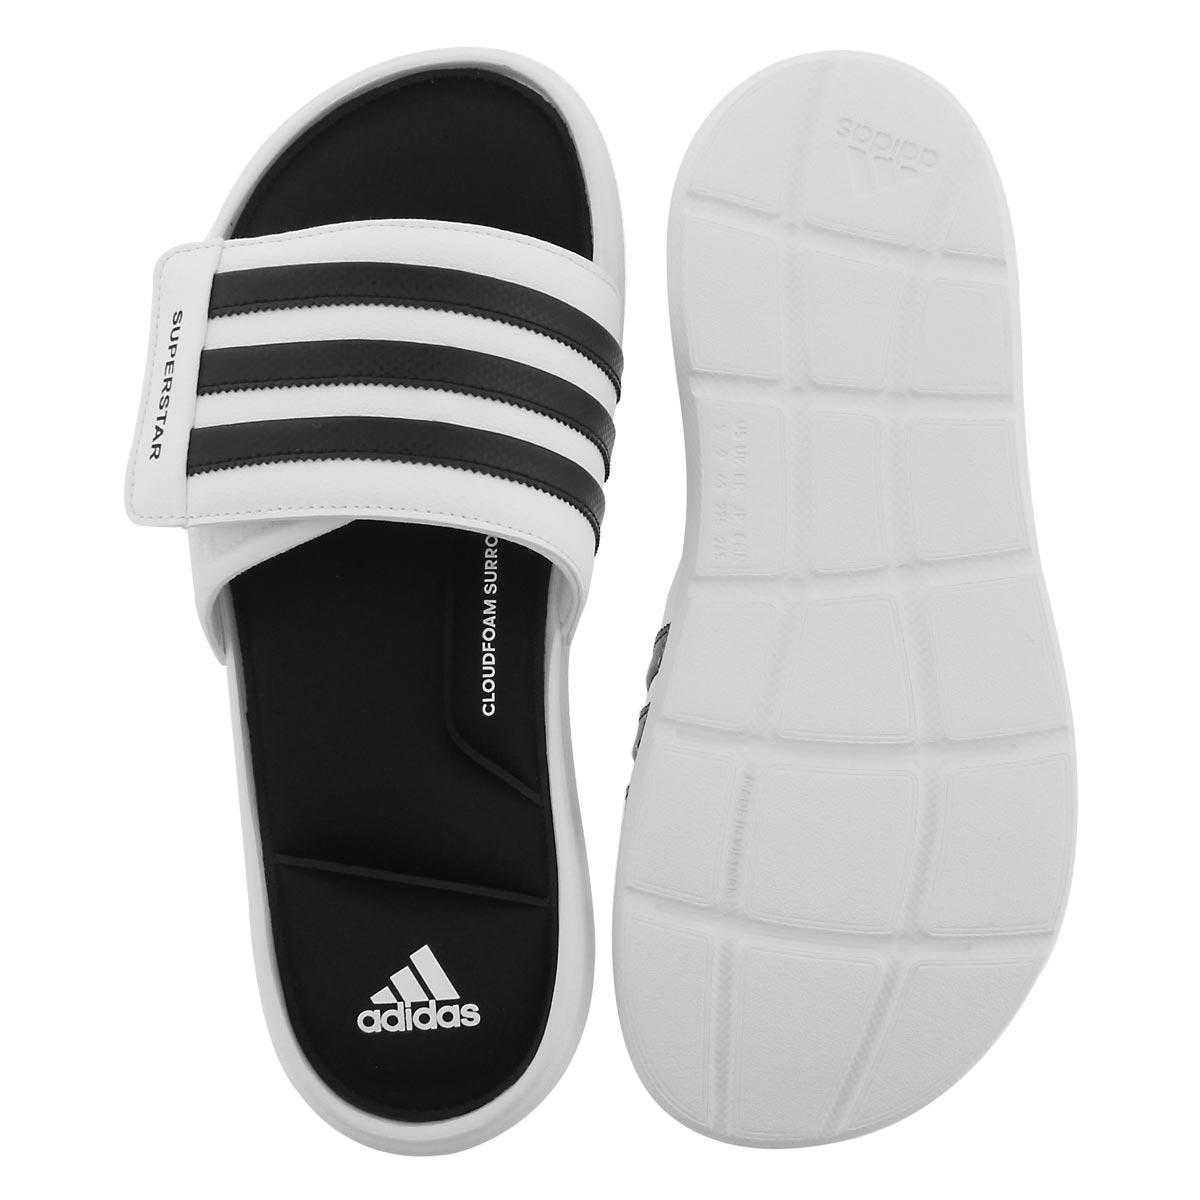 Mns Superstar 5G wht/blk slide sandal